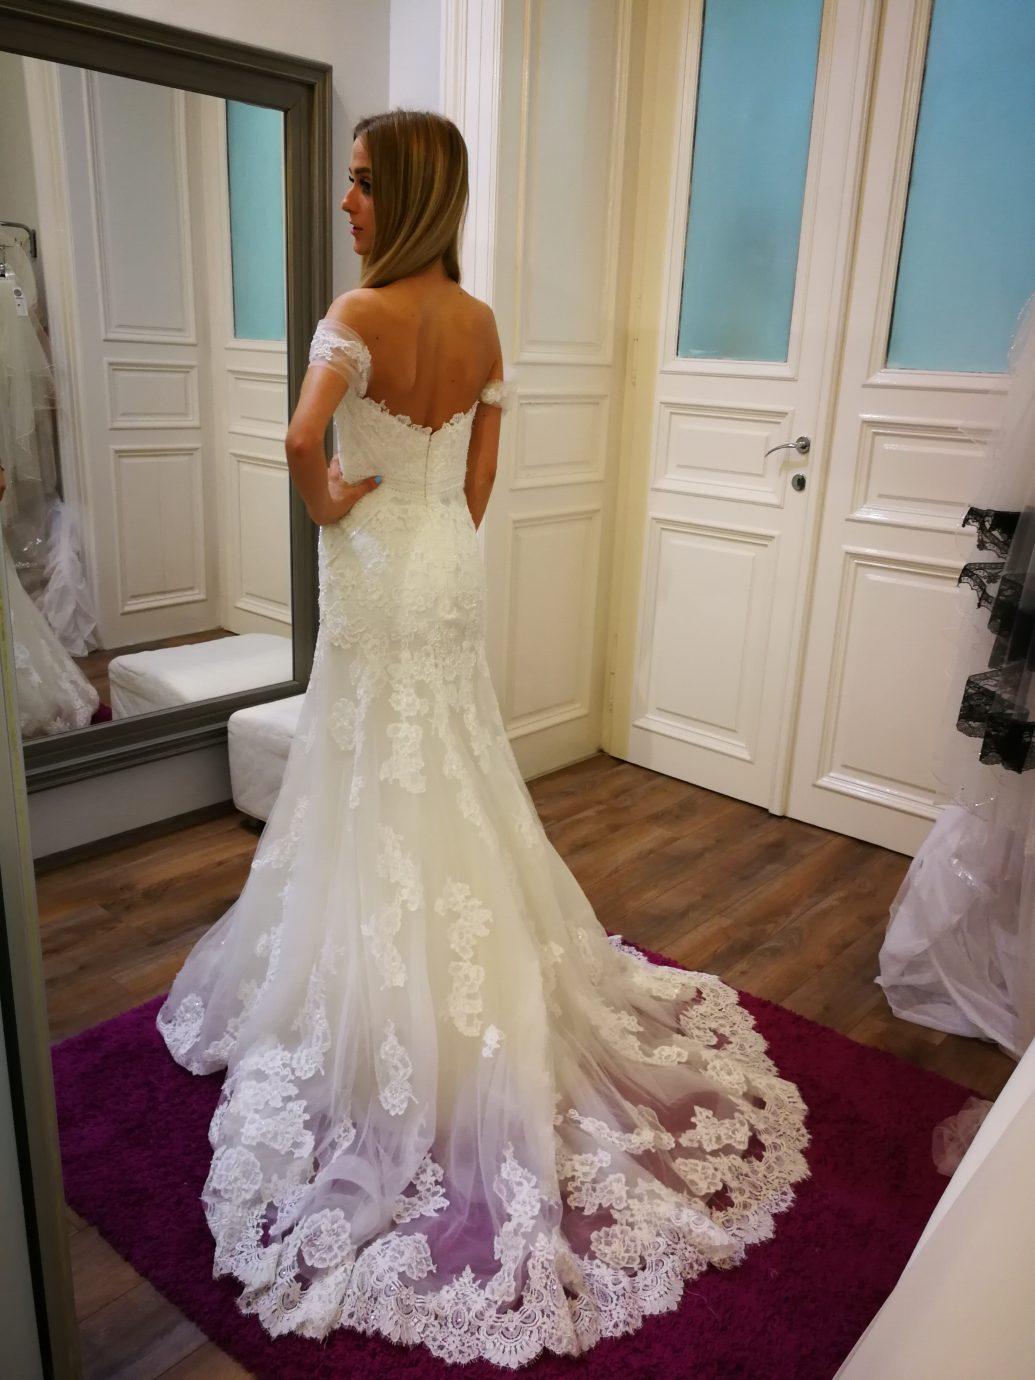 Csipkés, Enzoani esküvői ruha, kis A-vonalú fazonú menyasszonyi ruha, hátulról is csodálatos.